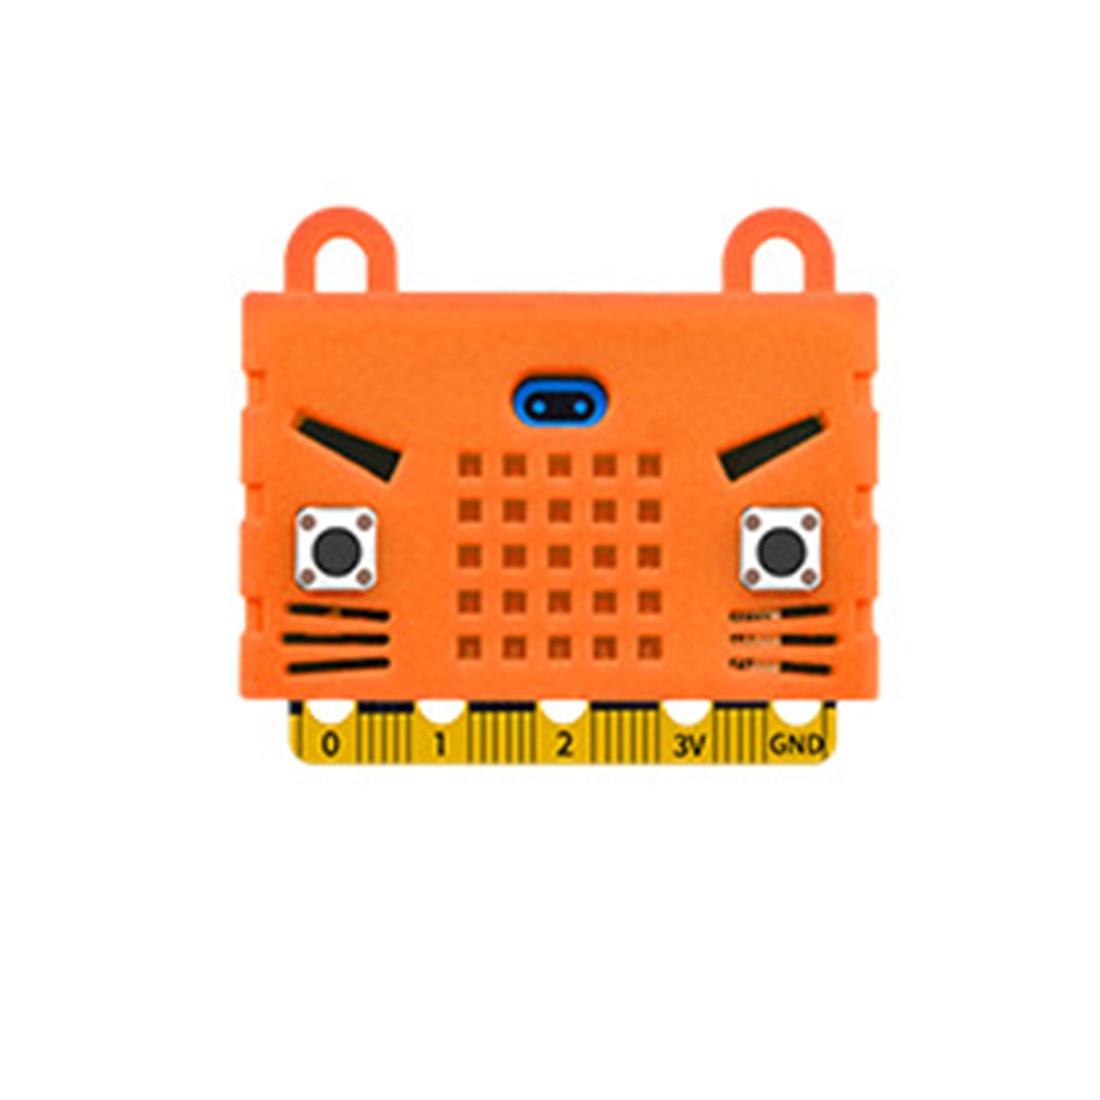 Экологичное уплотнение/тигр/в форме кота силиконовый защитный корпус Крышка корпуса для Micro: Плата расширения бита Bue/красный/оранжевый - Цвет: 5